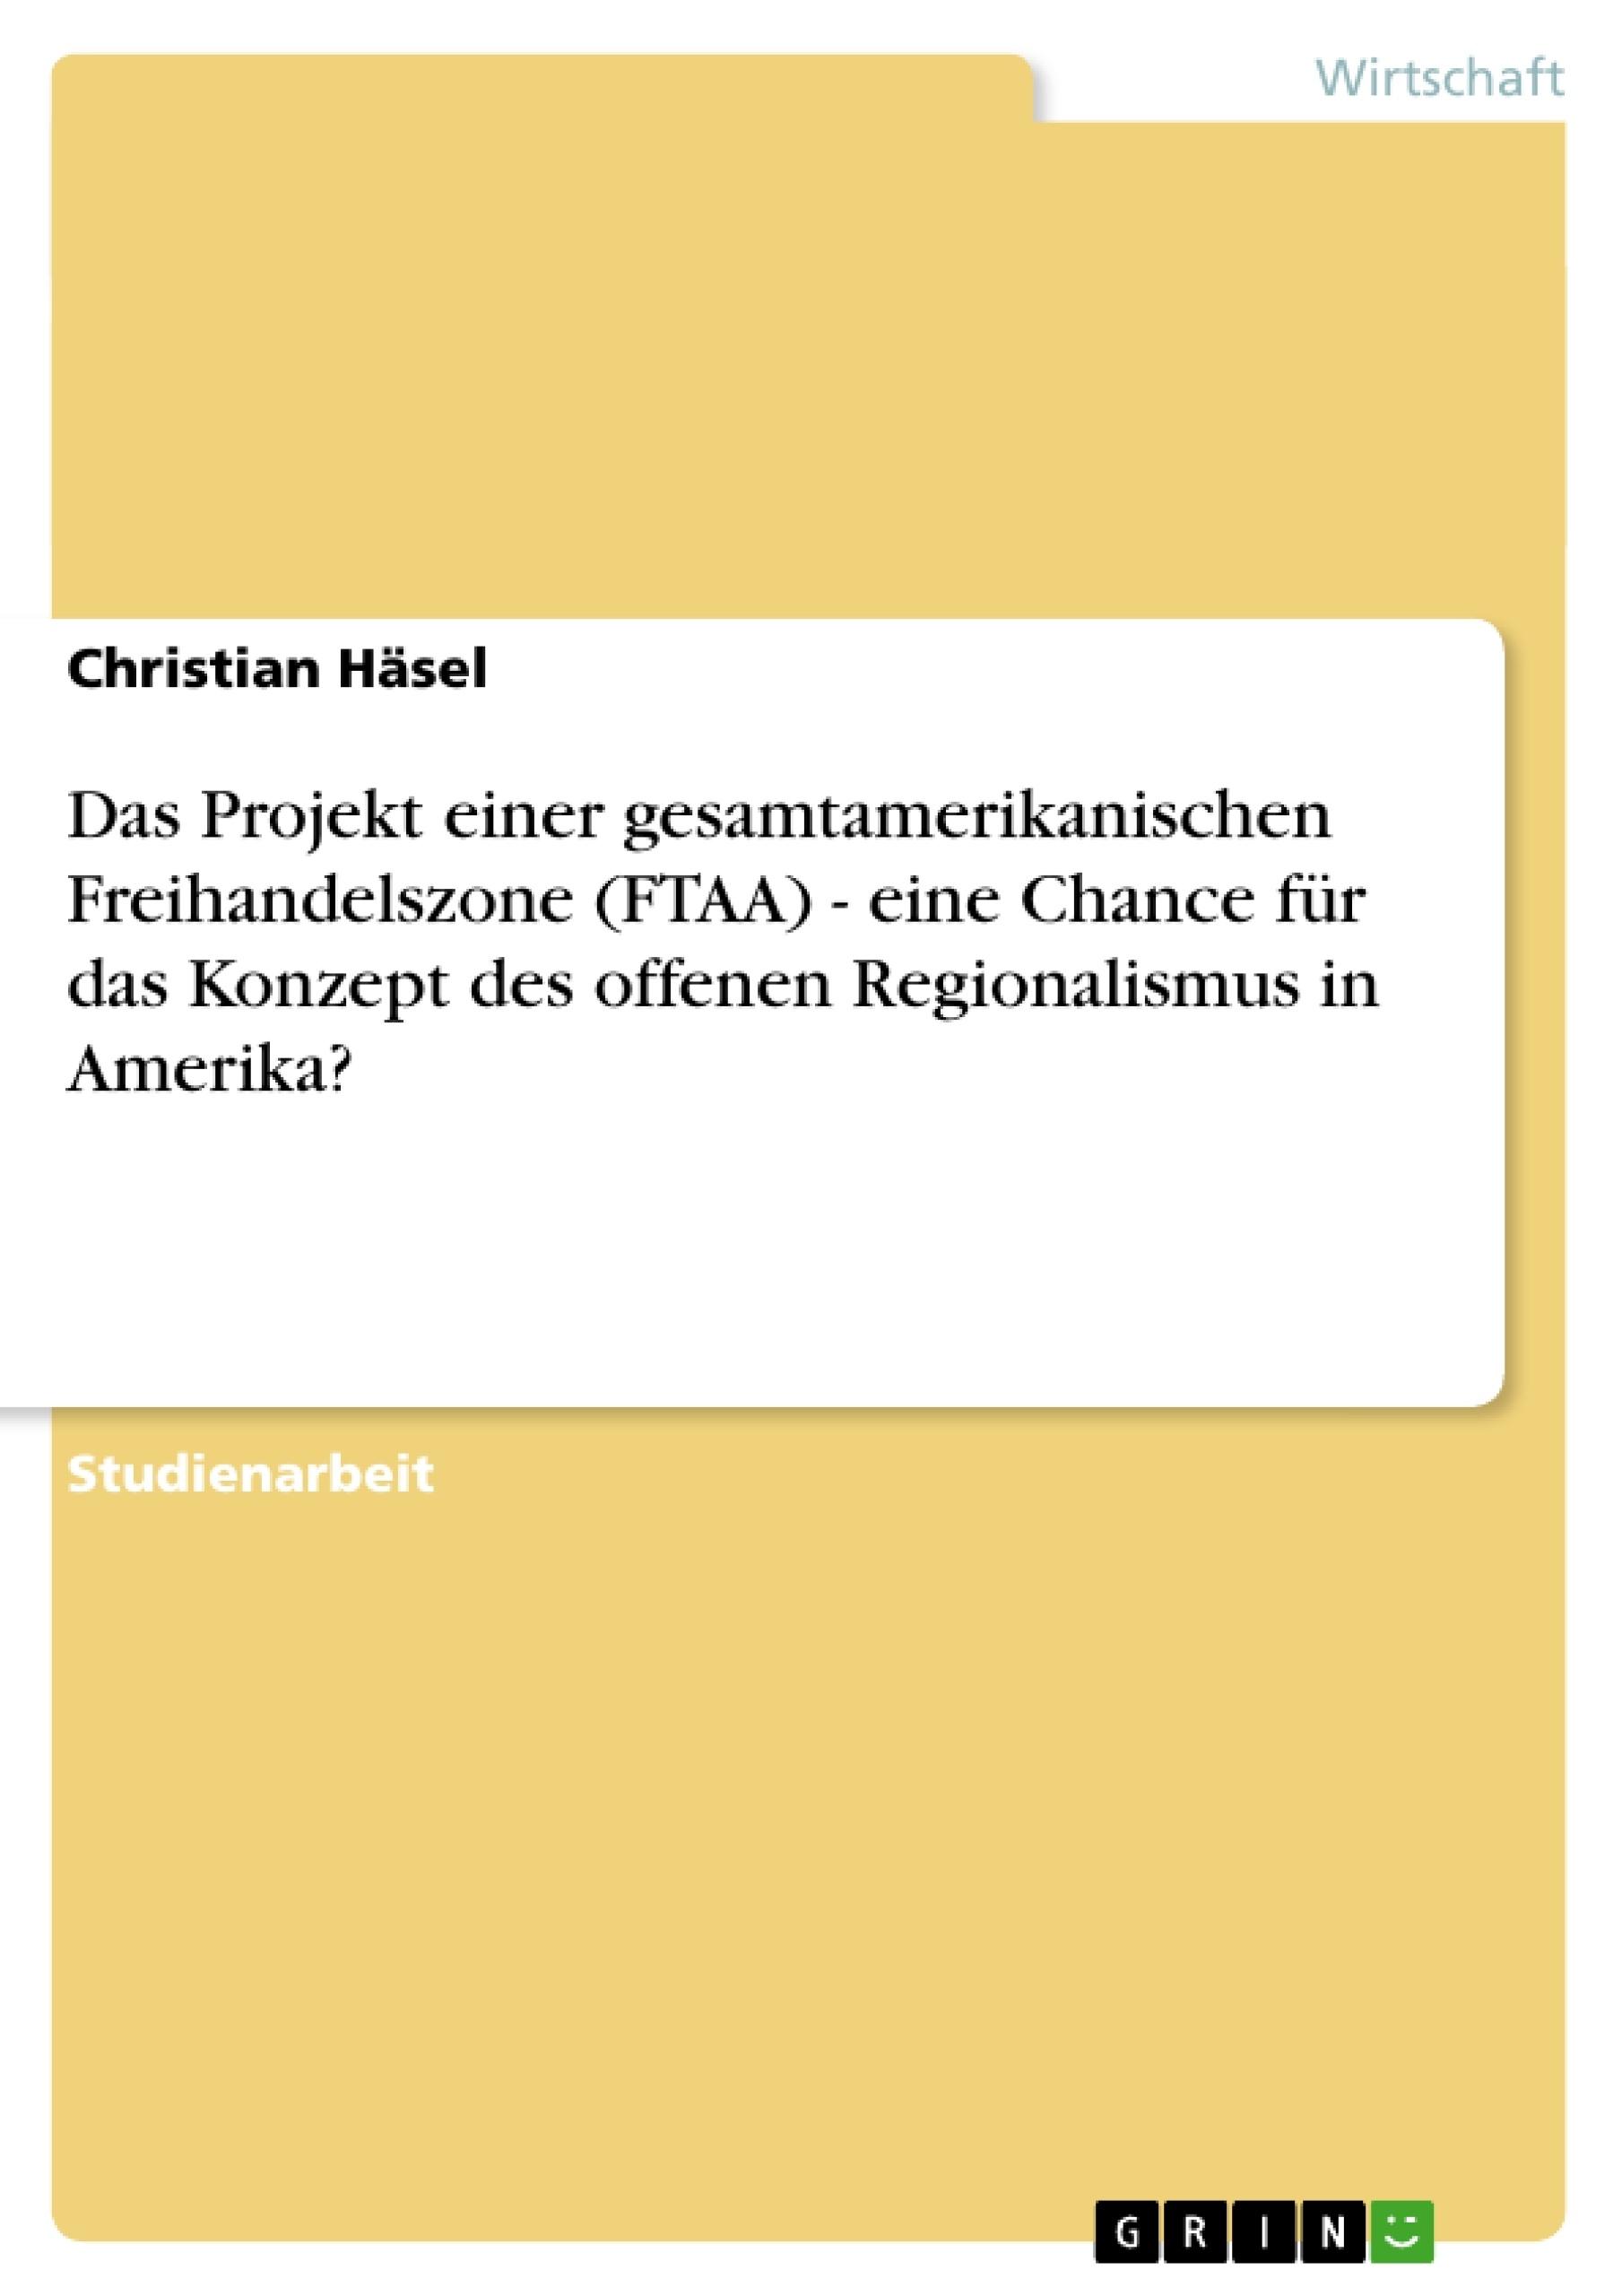 Titel: Das Projekt einer gesamtamerikanischen Freihandelszone (FTAA) - eine Chance für  das Konzept des offenen Regionalismus in Amerika?